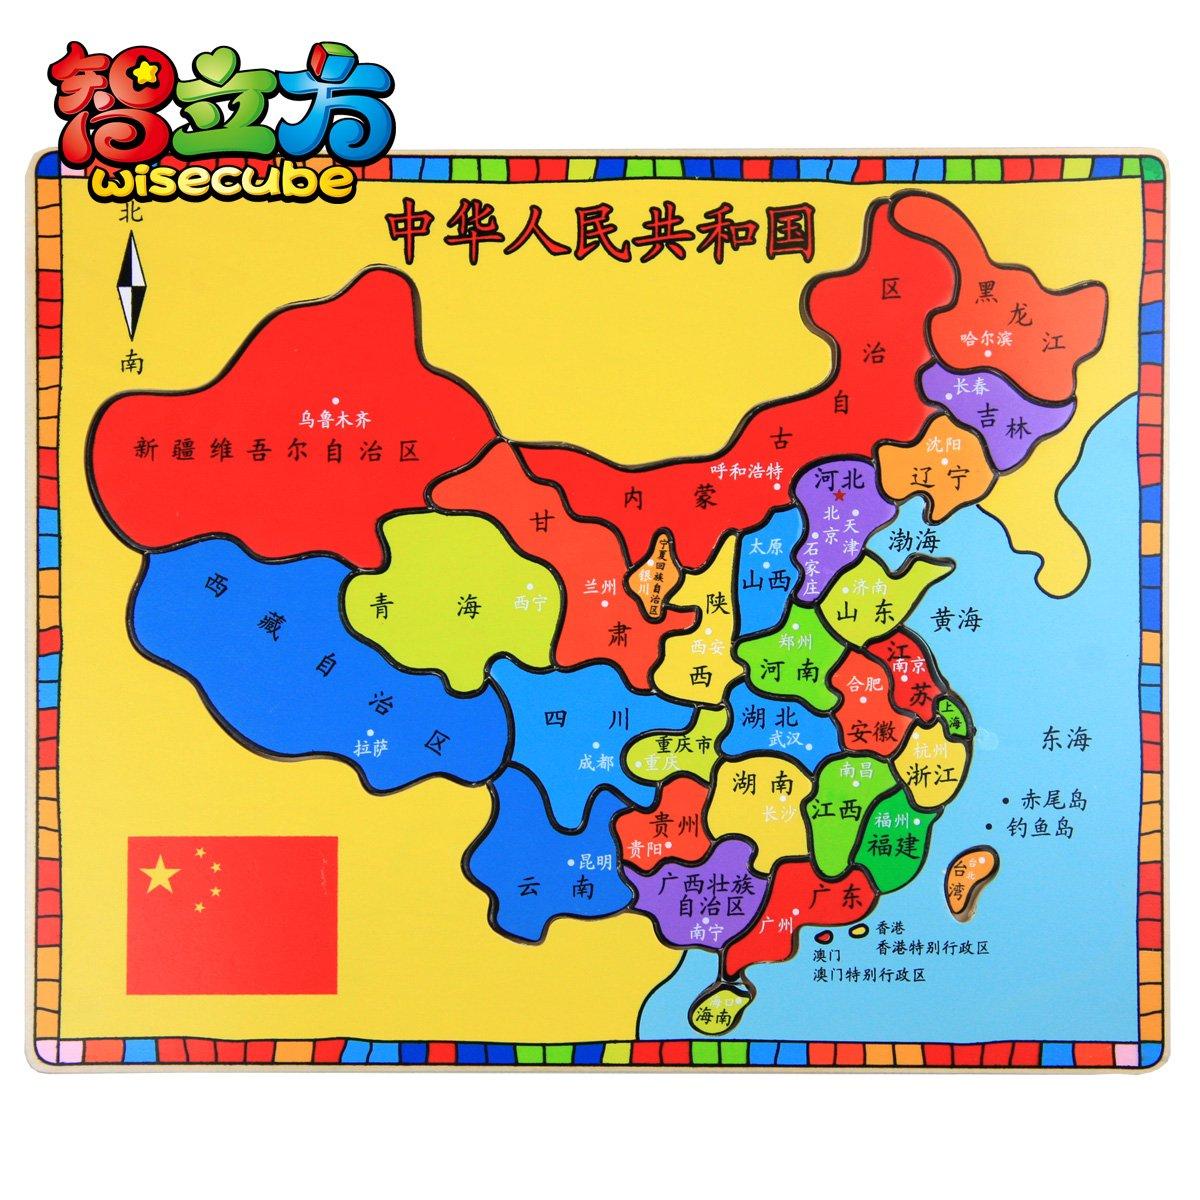 智立方 中国地图拼图玩具 儿童益智玩具3-7岁 30片装拼图热卖 8145